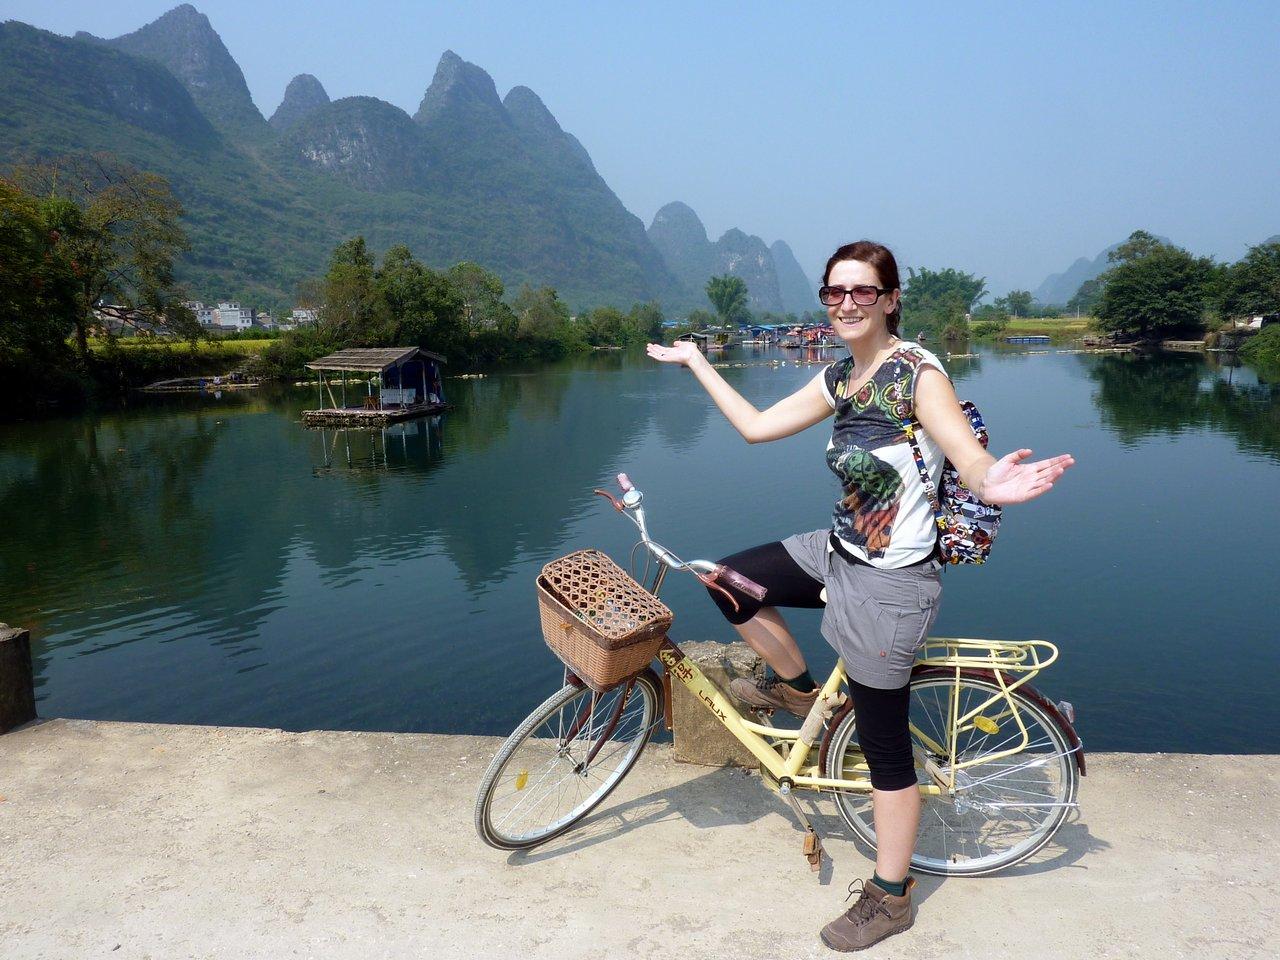 itinerario di quatto settimane in cina: In bici a Yangshuo